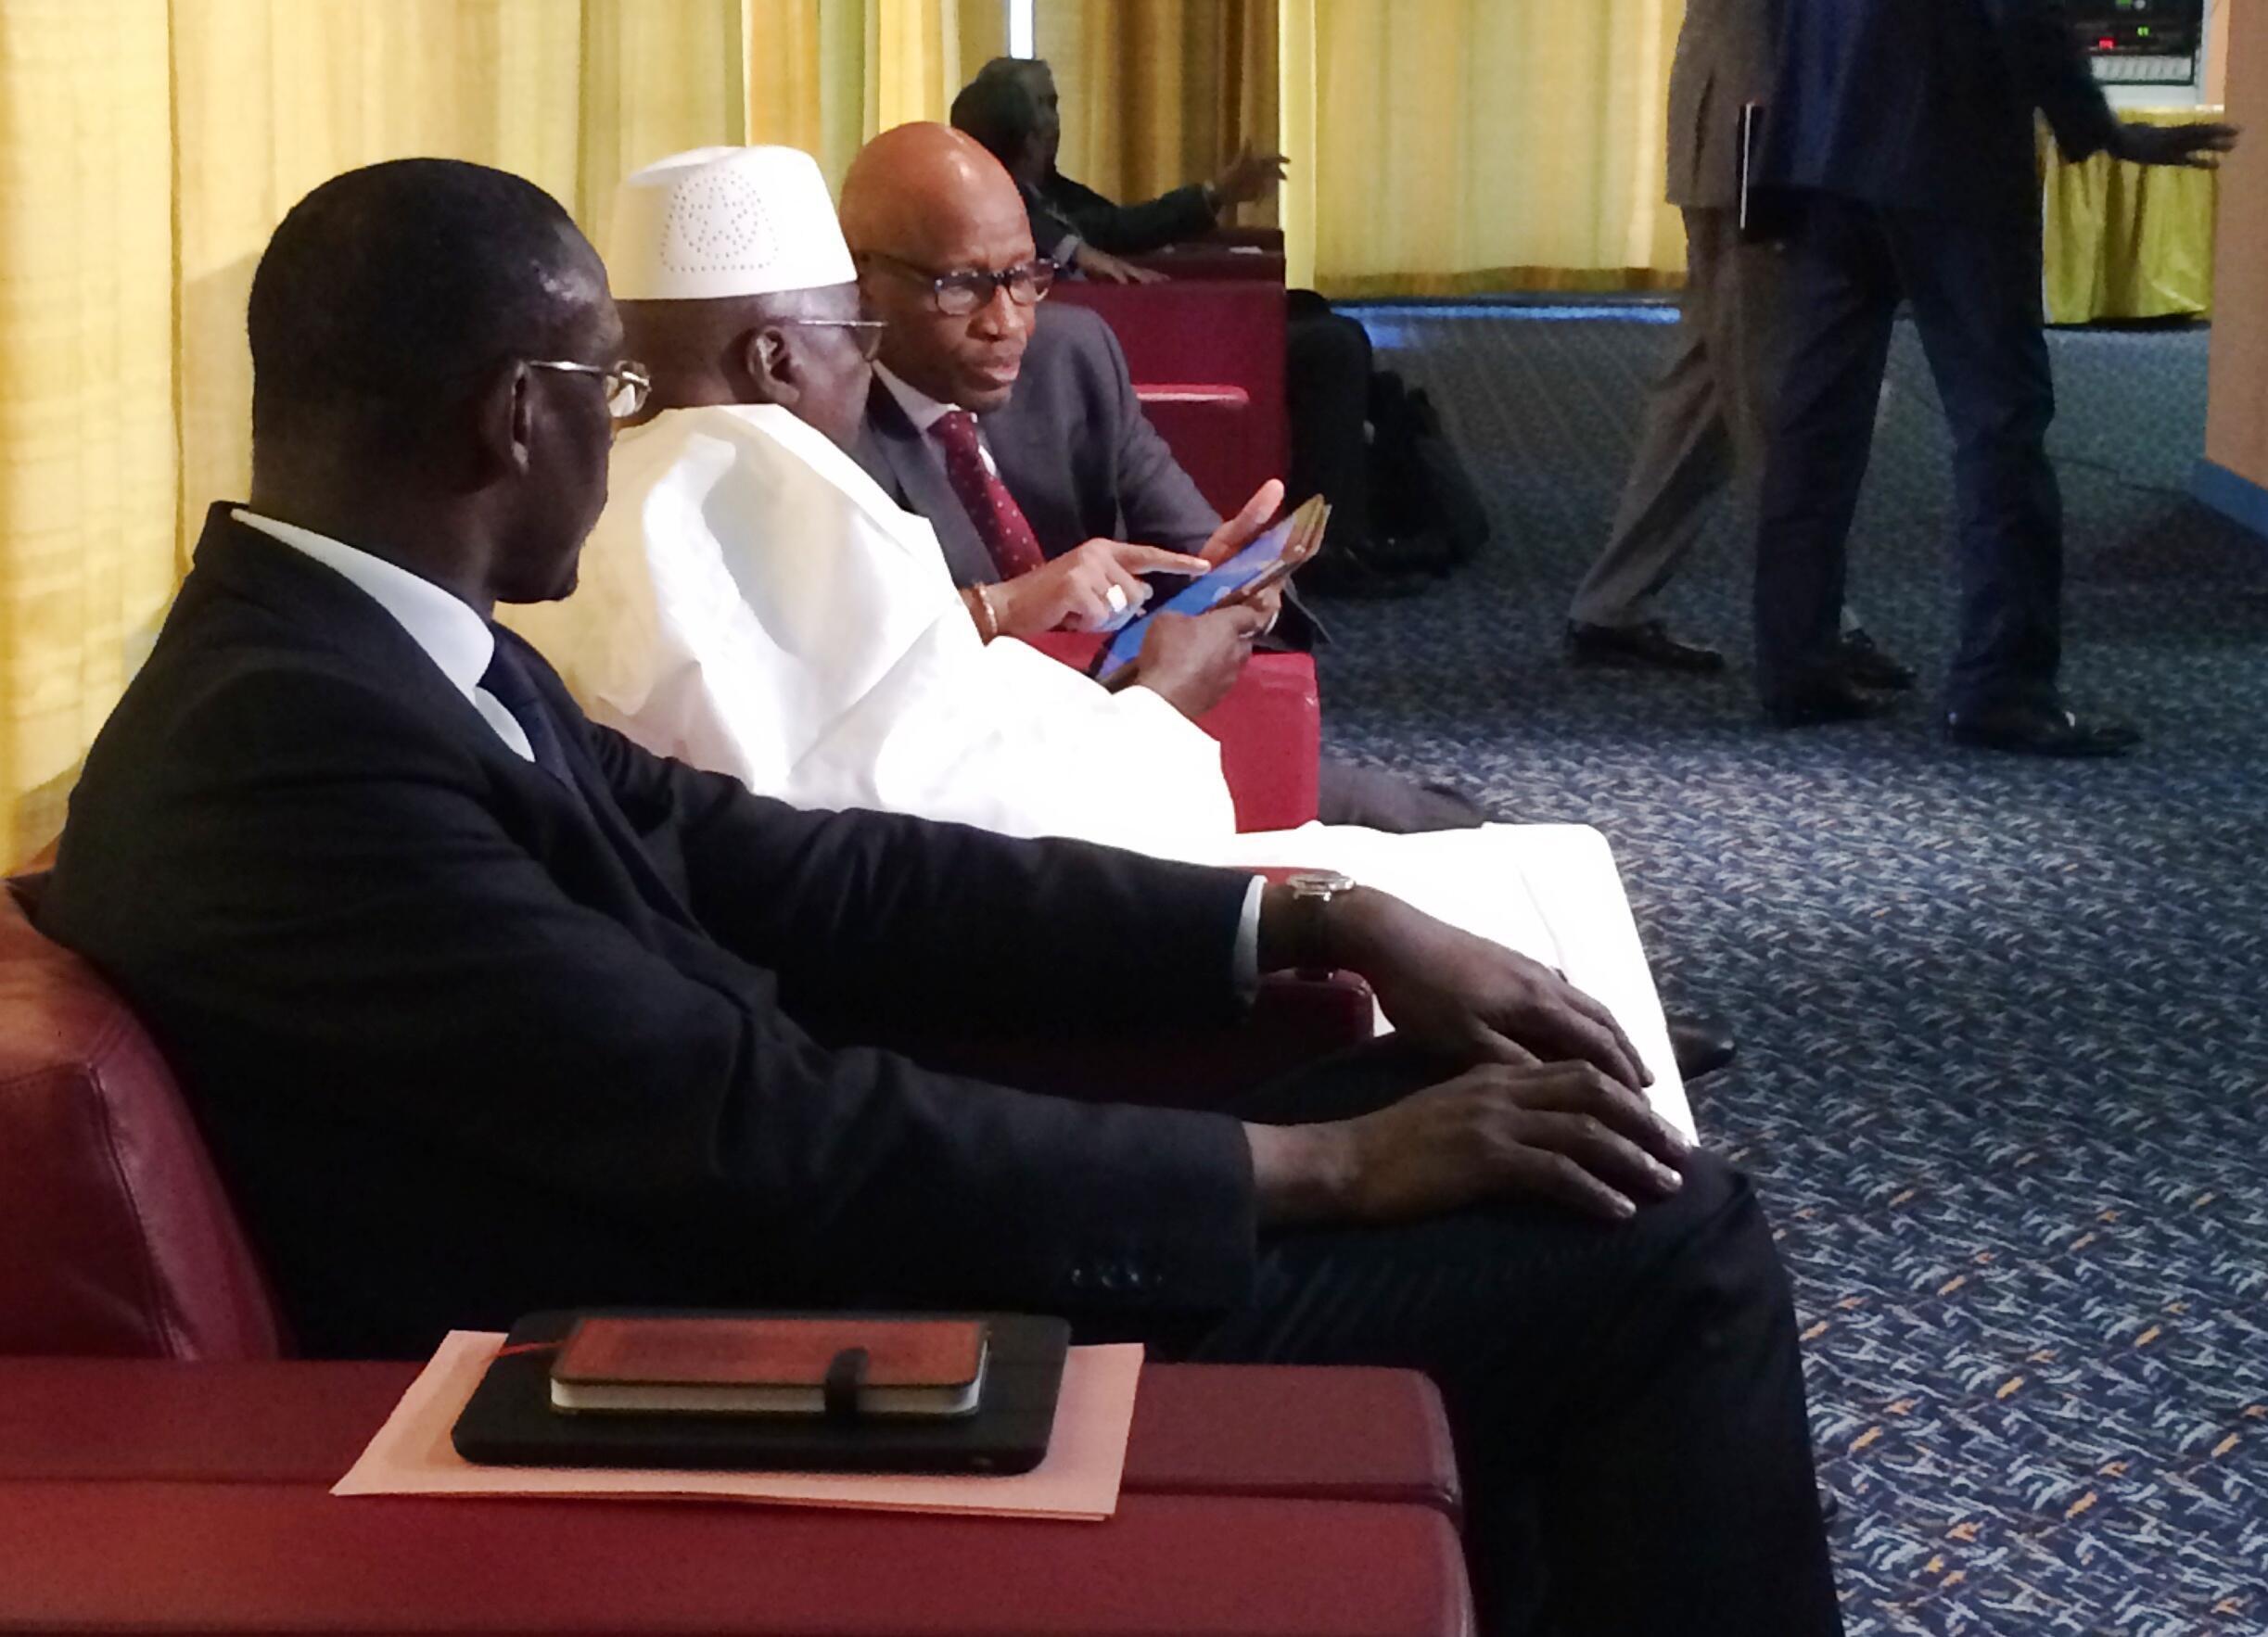 Au premier plan, le ministre malien des Affaires étrangères, Abdoulaye Diop, au deuxième plan, l'envoyé spécial du président IBK, et l'ambassadeur du Mali à Alger, lors de la 4ème session de discussions de paix.